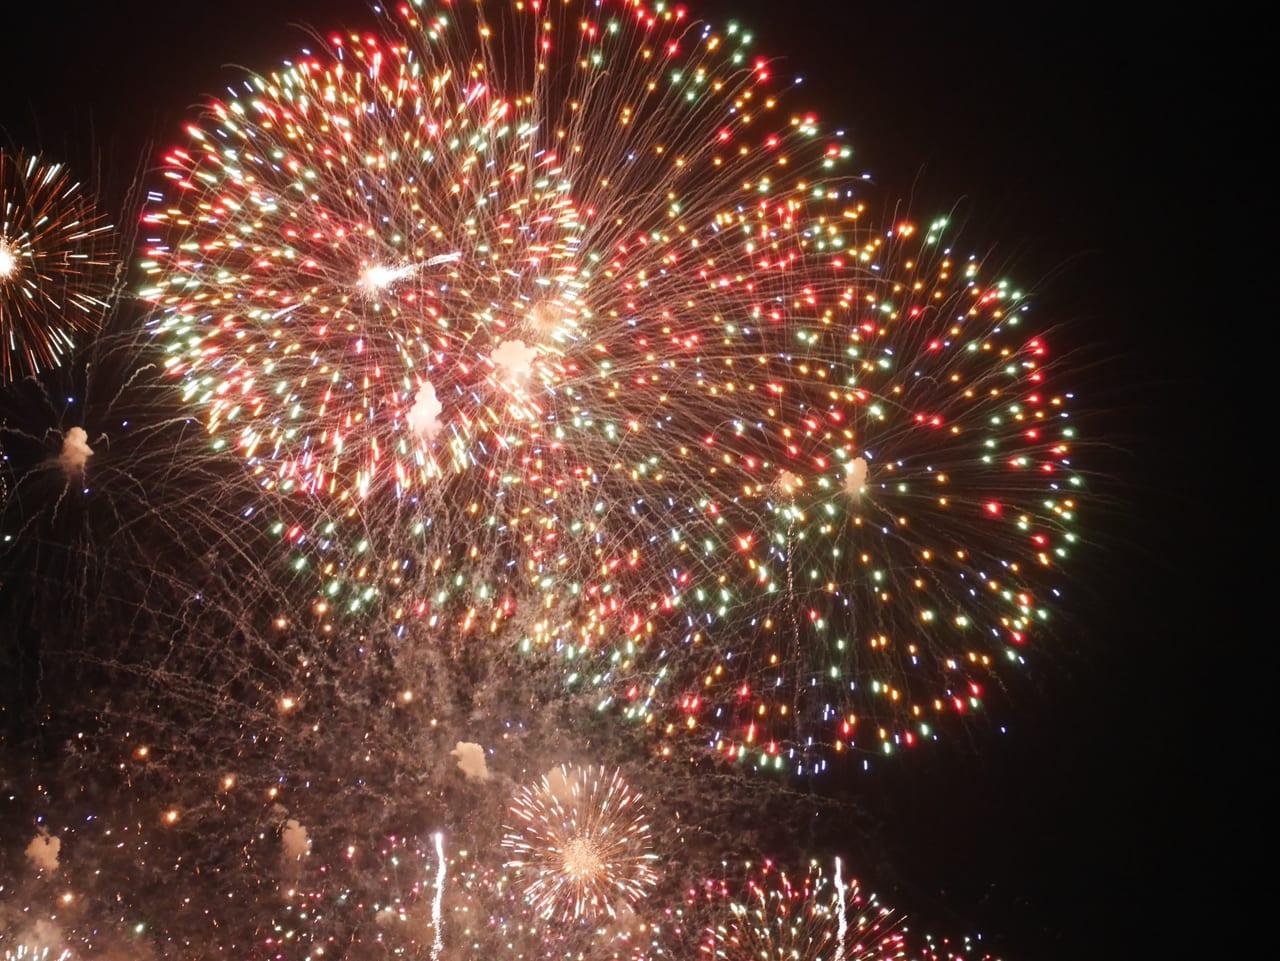 花火 2020 調布 「#隅田川花火大会2020」都内3か所で打ち上げ、各地から喜びの報告が続々